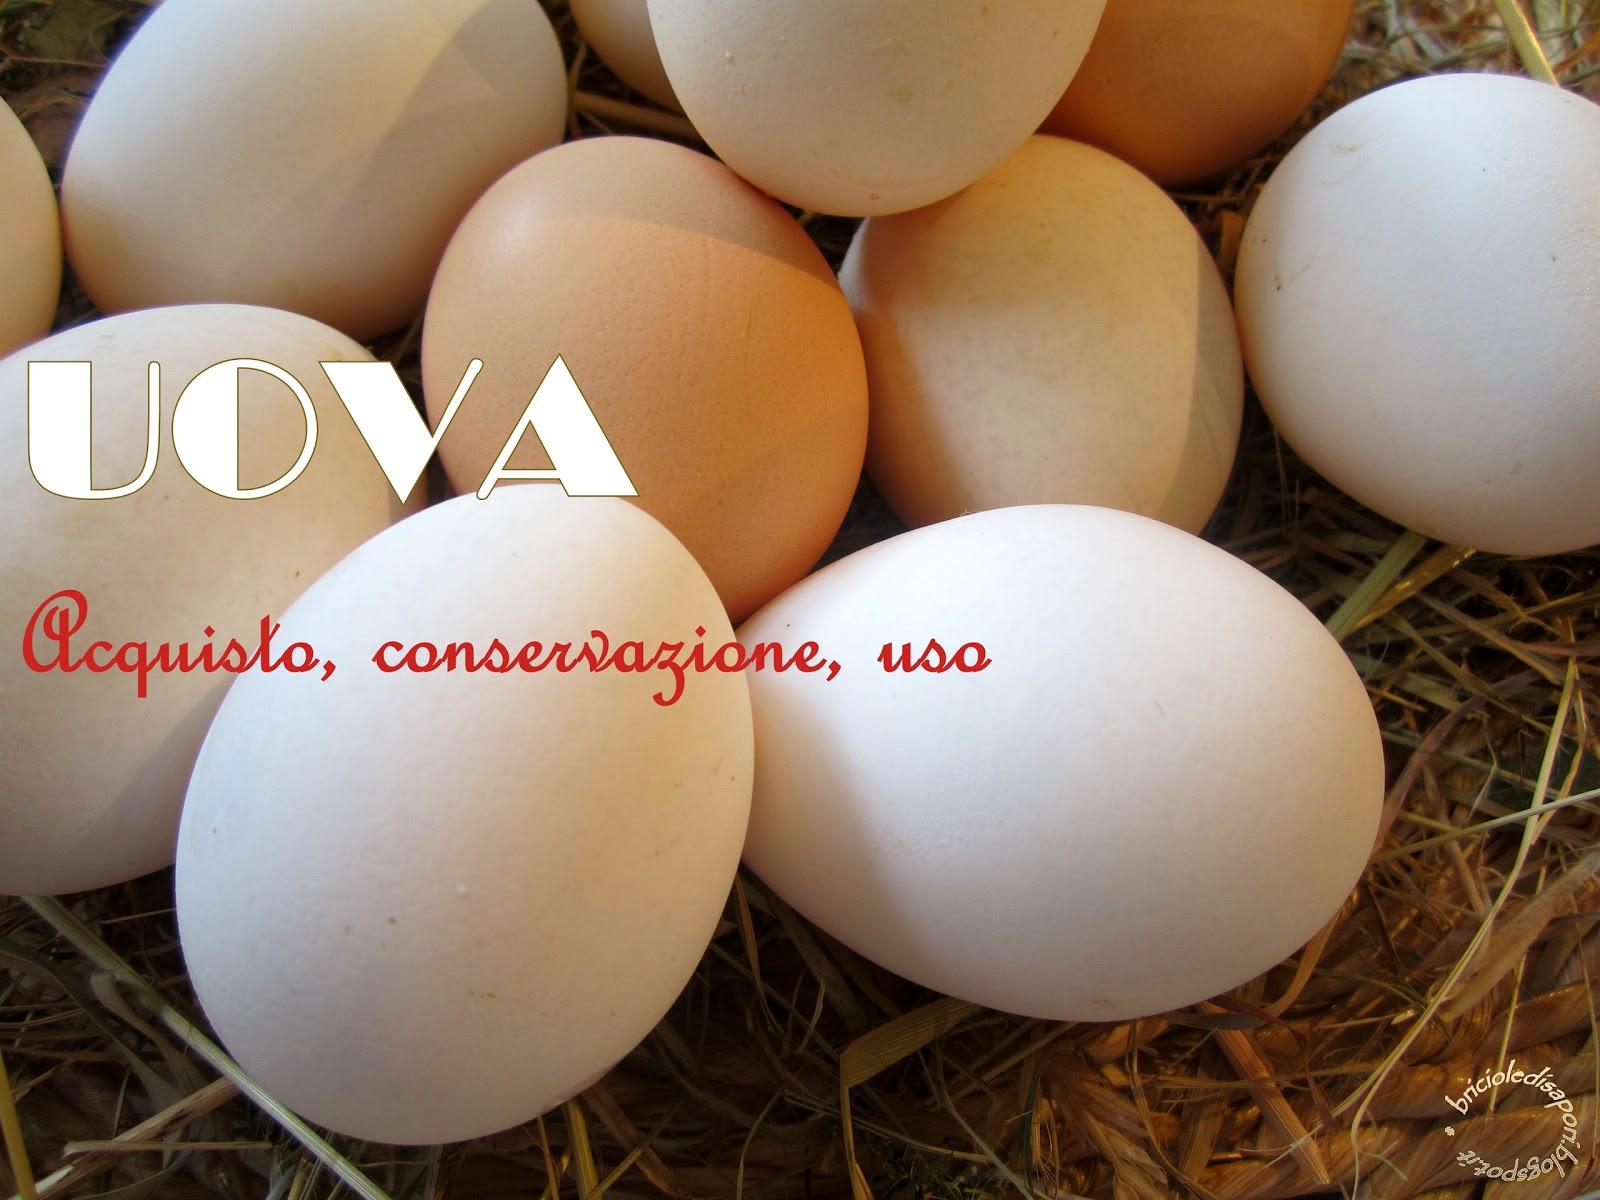 quello che c'è da sapere sulle uova. acquisto, conservazione, uso